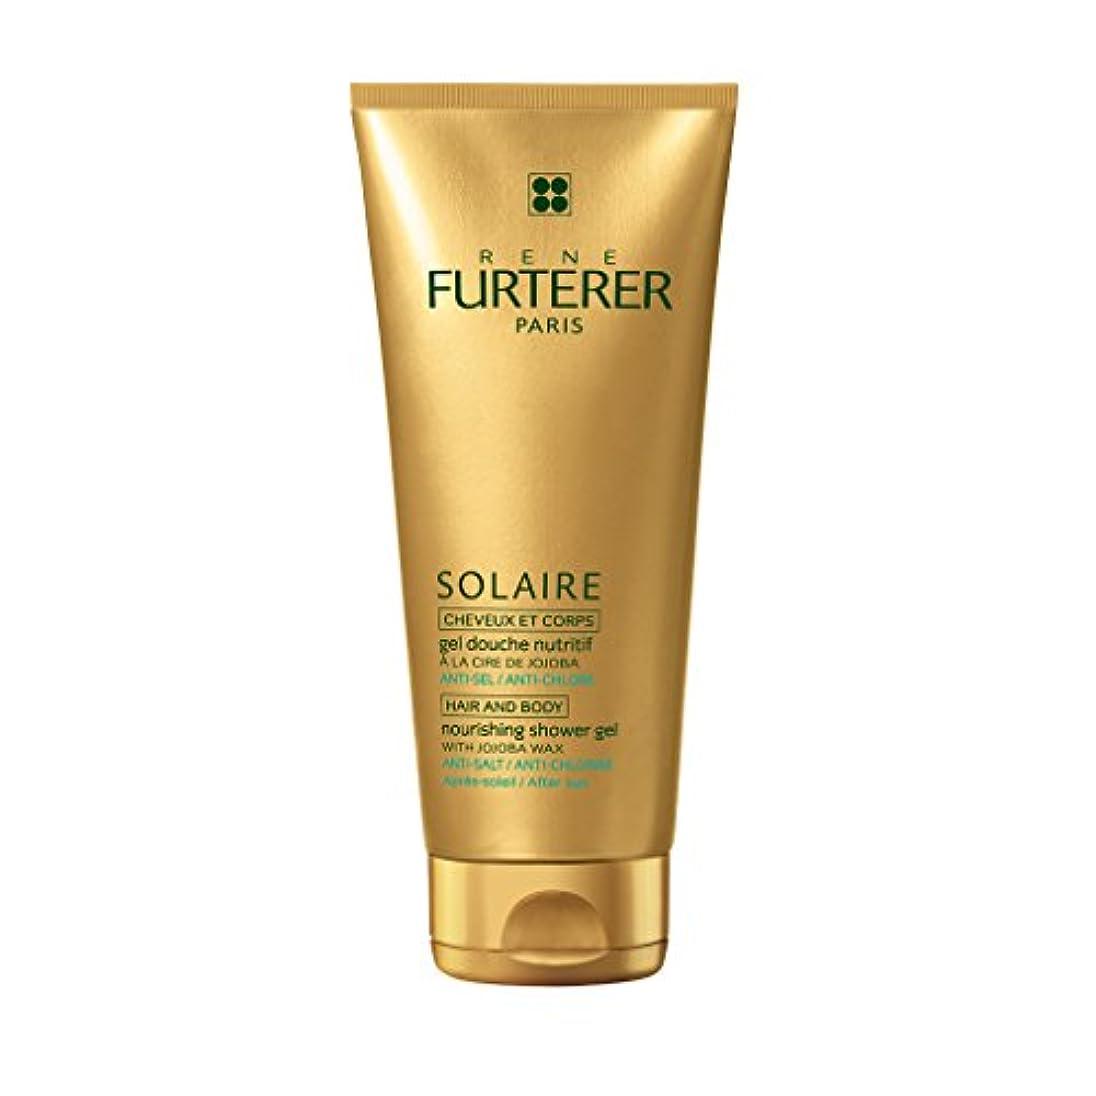 ルネ フルトレール Solaire Nourishing Shower Gel with Jojoba Wax (Hair and Body) 200ml